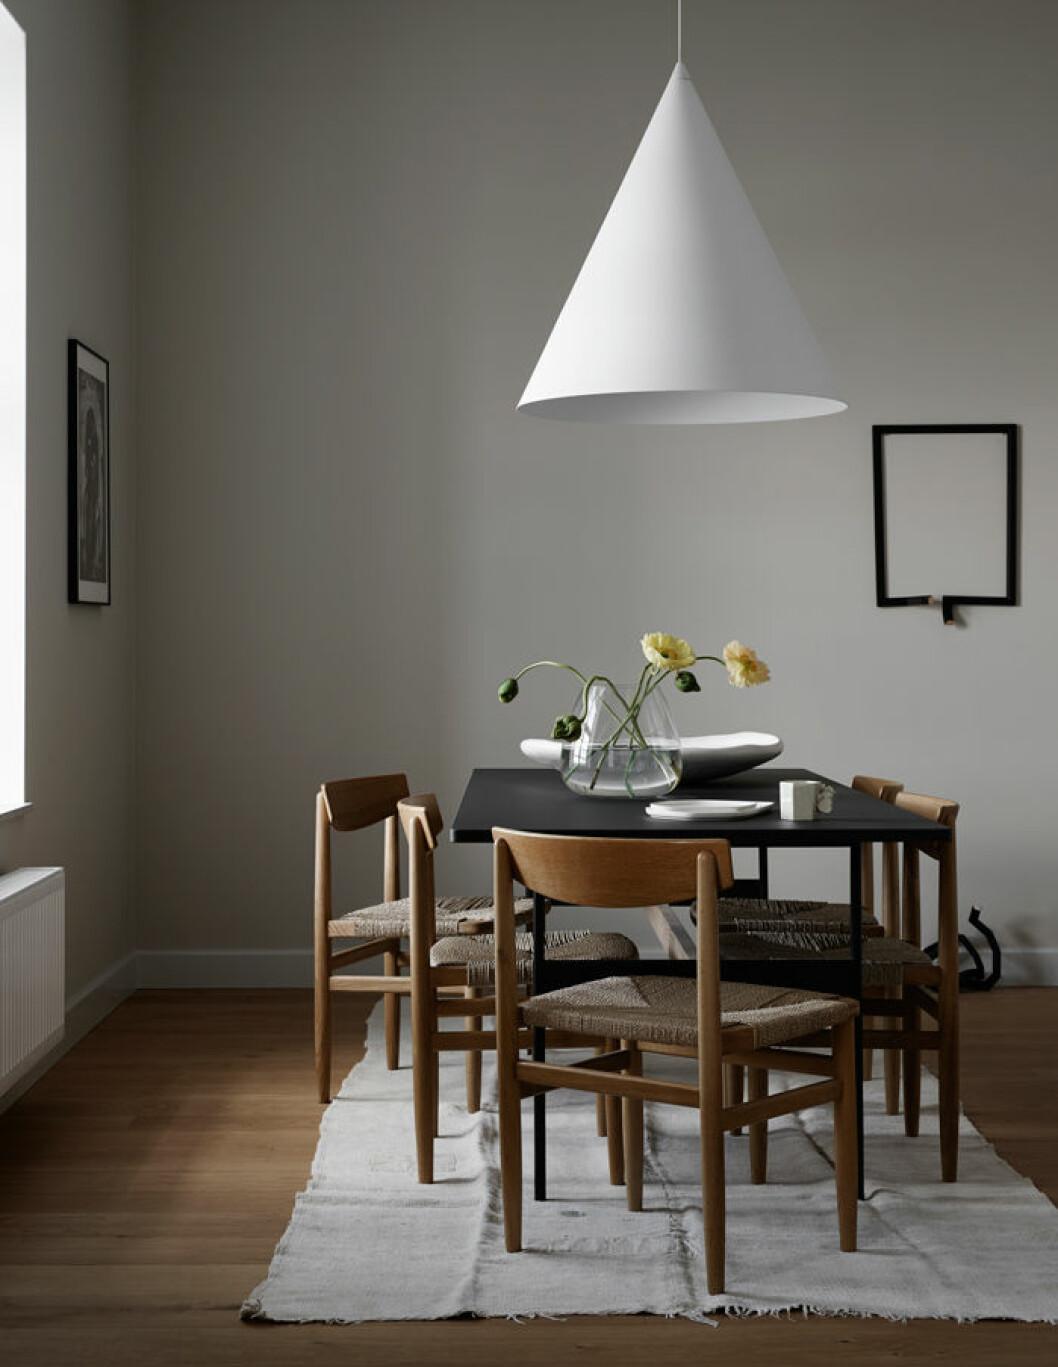 Varens-trender-Residence-Riksbyggen-foto-Kristofer-Johnson-Styling-Elin-Kicken-Eva-Lotta-Sundling1